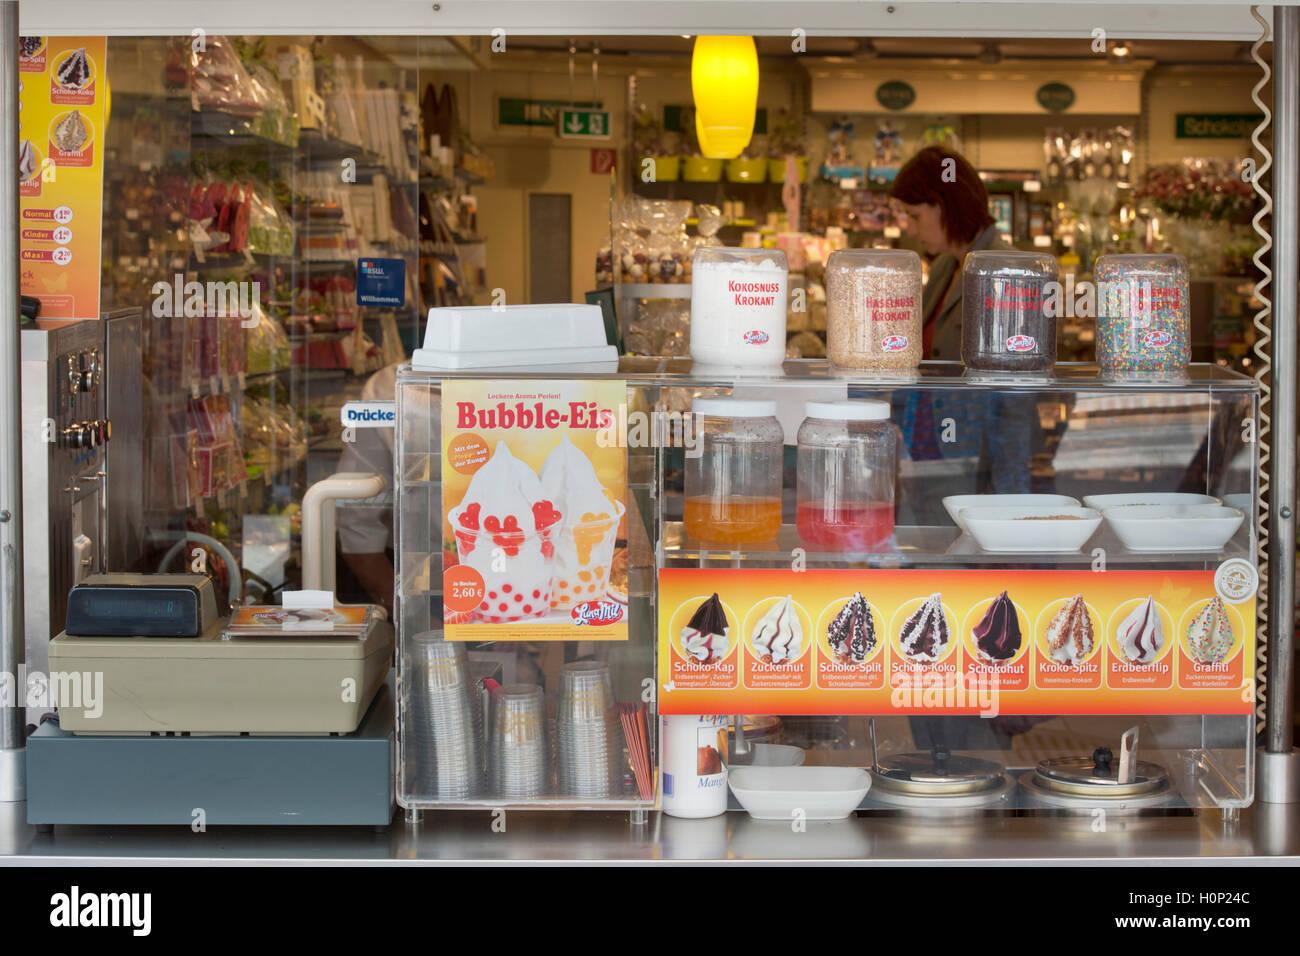 Deutschland, Renania settentrionale-Vestfalia, Wuppertal-Barmen, Fussgängerzone Werth, Bubble-Ice Immagini Stock